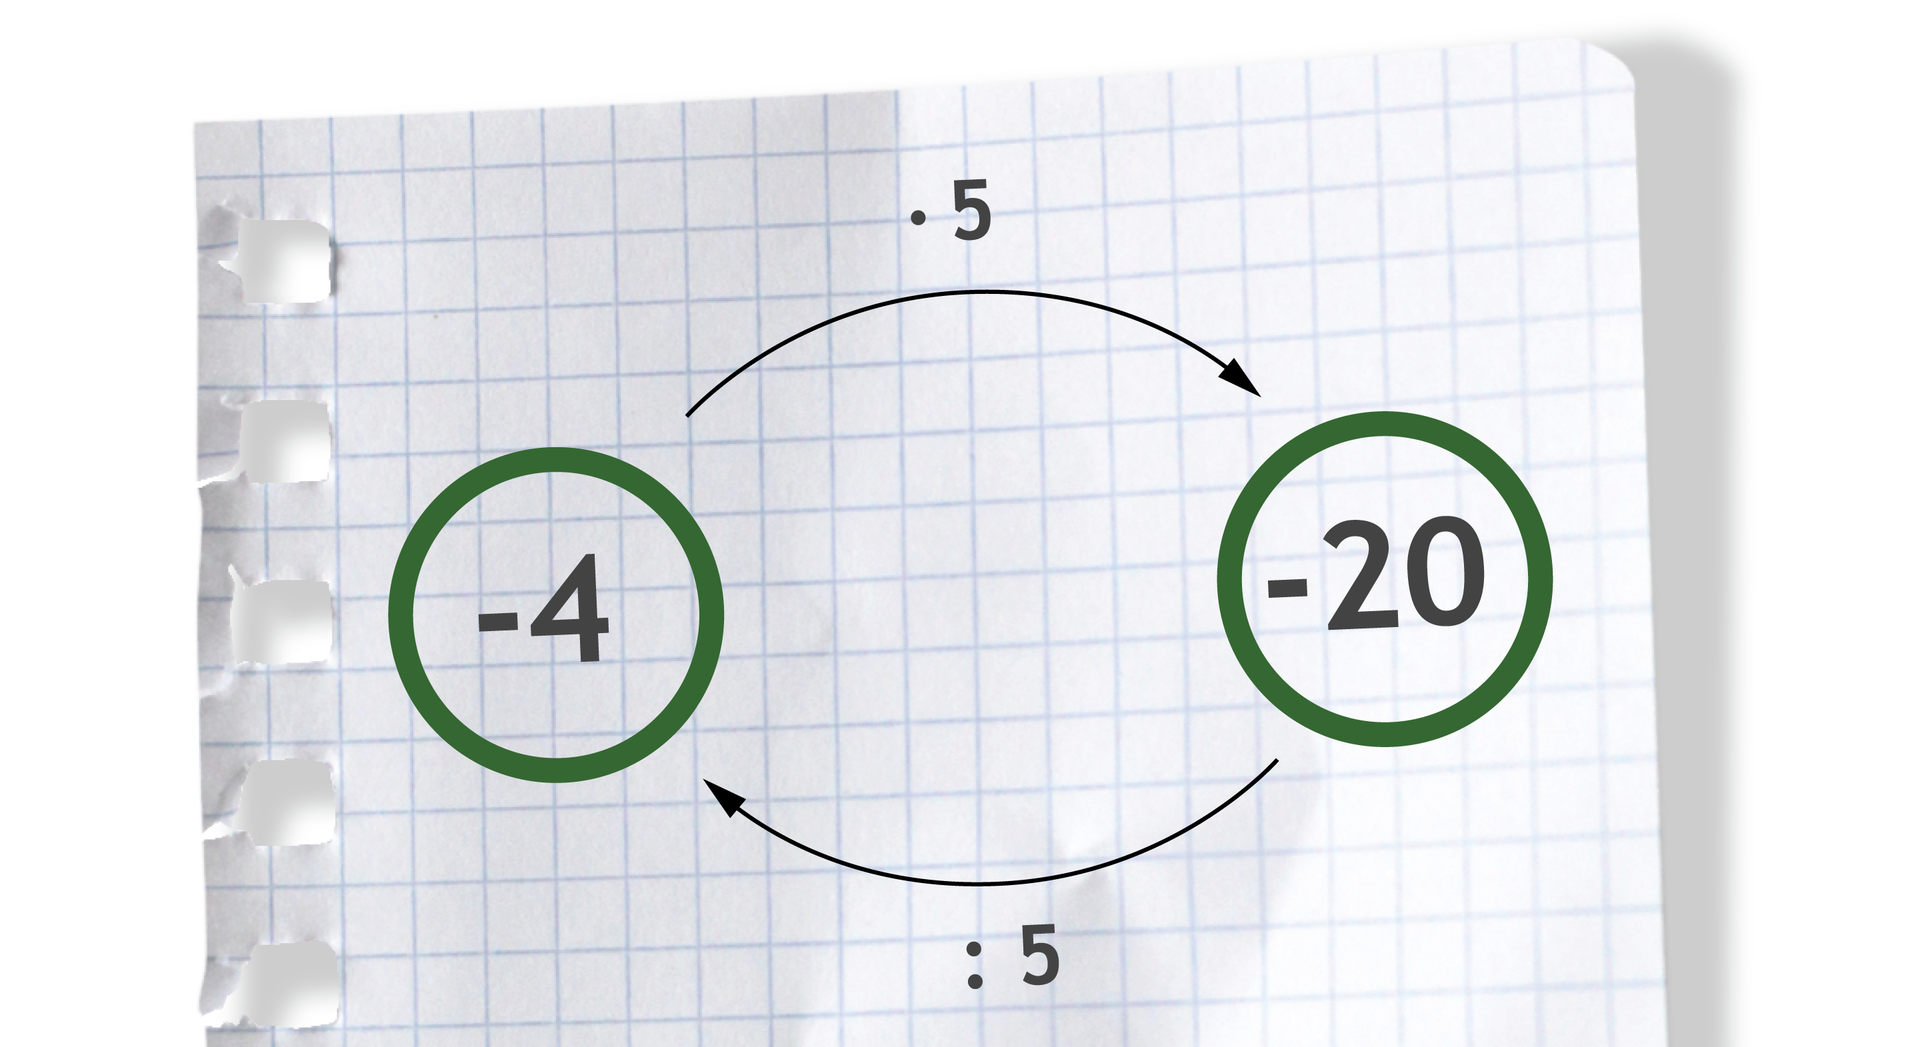 Graf ilustruje rozwiązanie przykładu: -4 razy 5 =-20 oraz -20 dzielone przez 5 =-4.